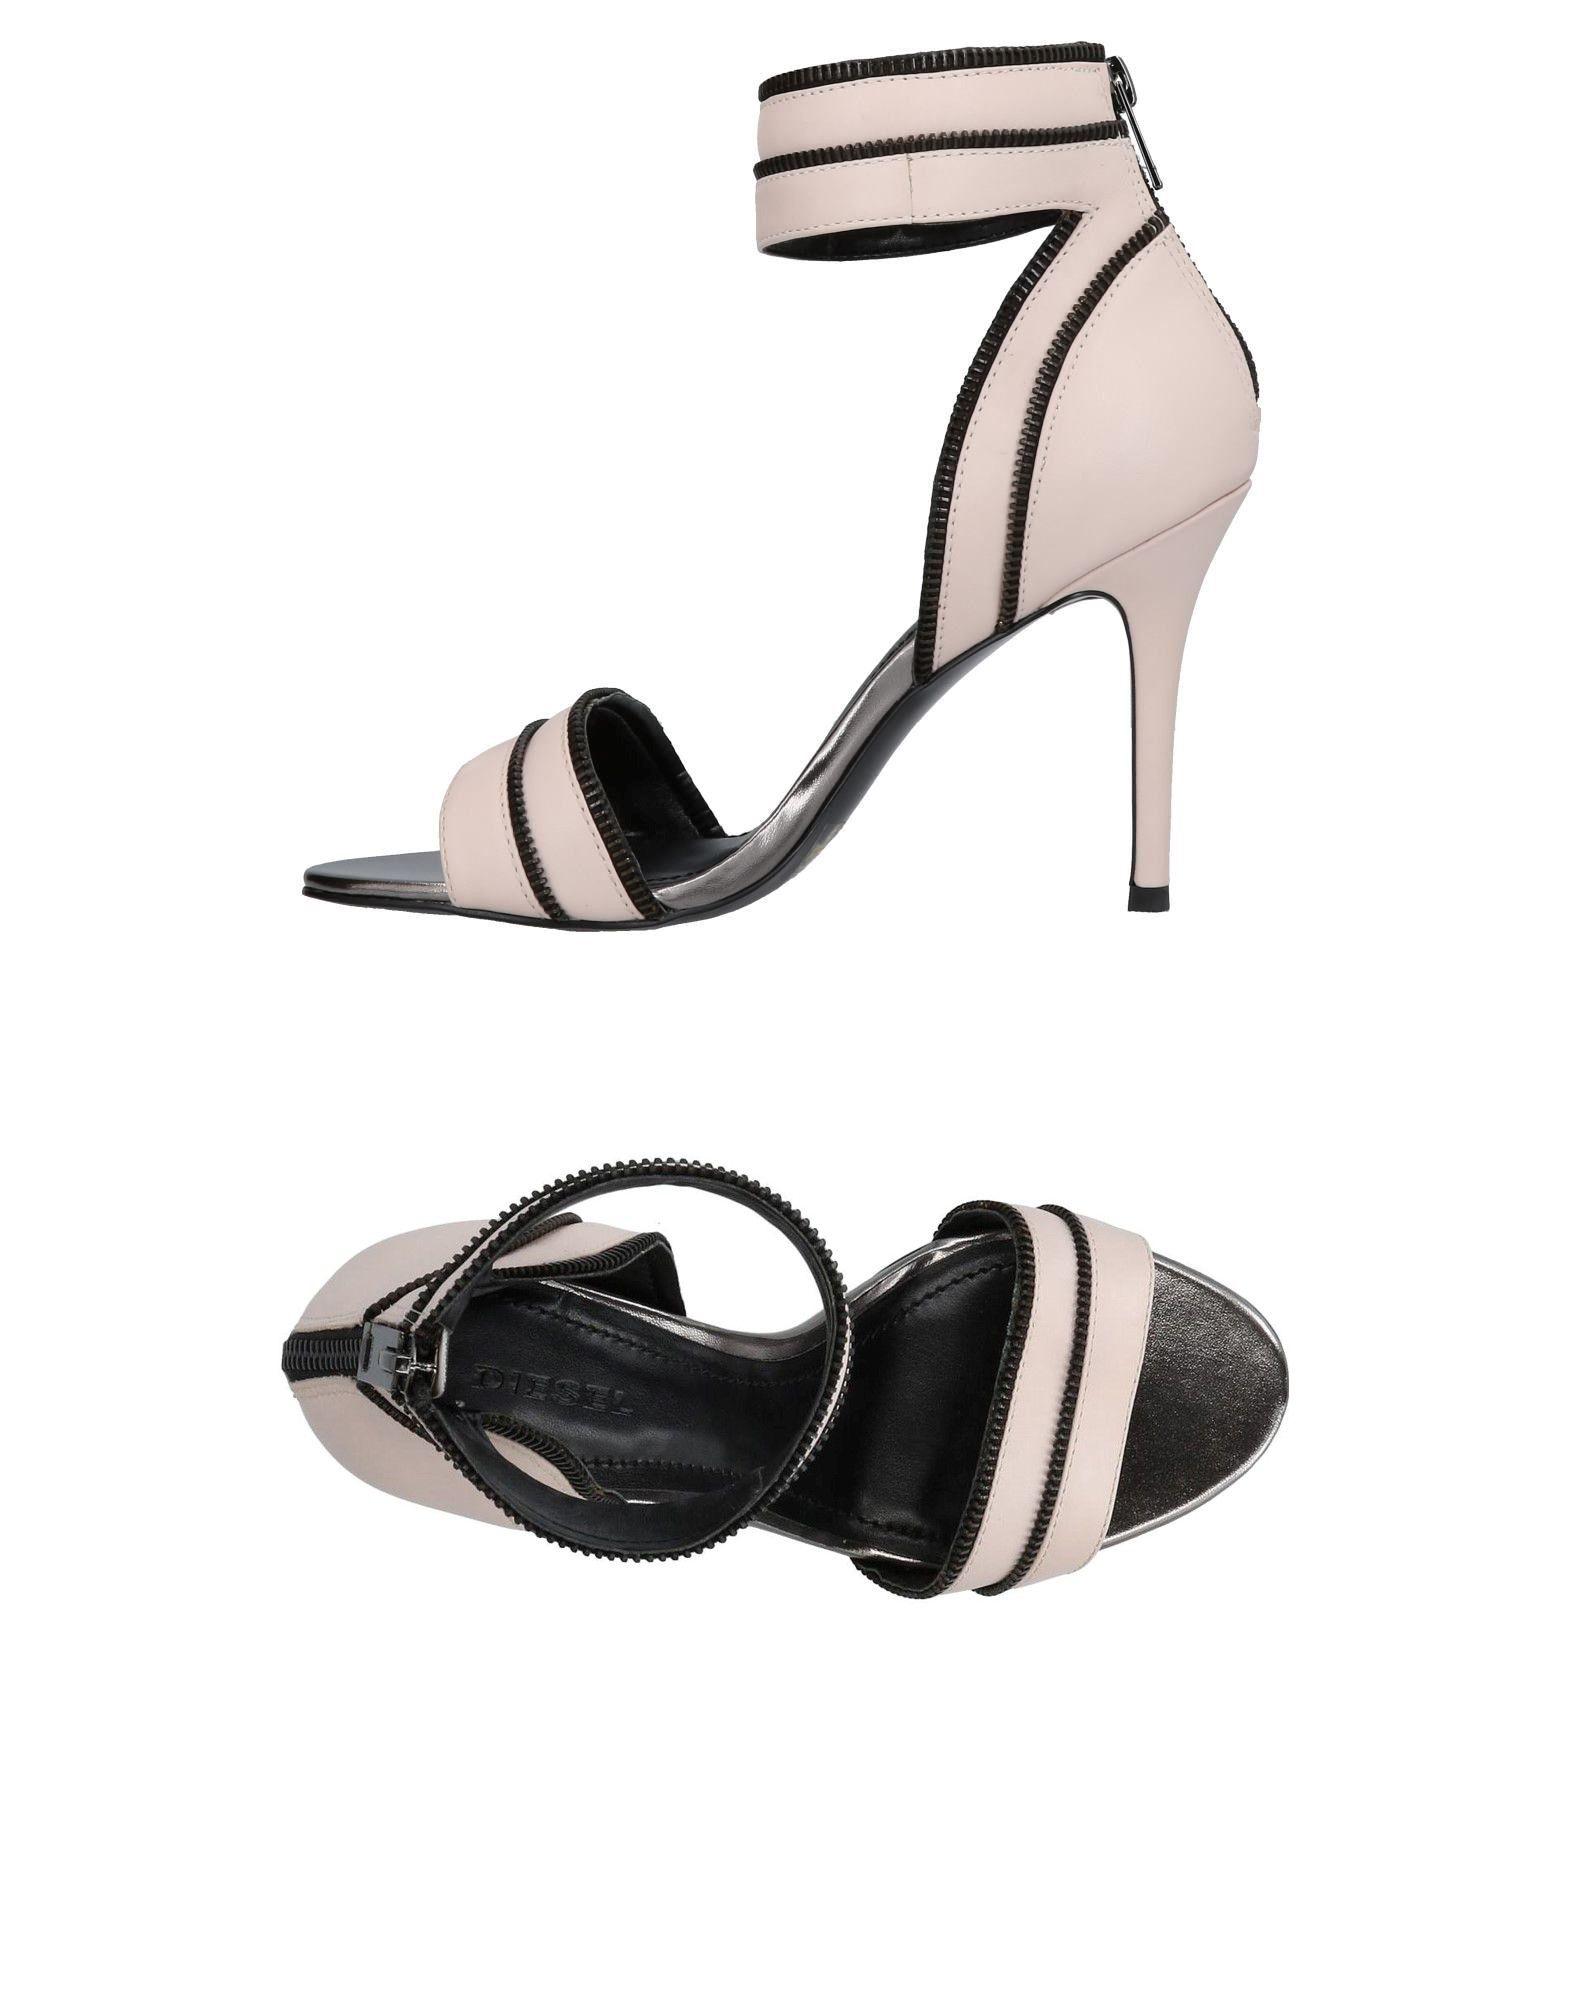 Haltbare Mode billige Schuhe Diesel Sandalen Damen  11423692WB Heiße Schuhe